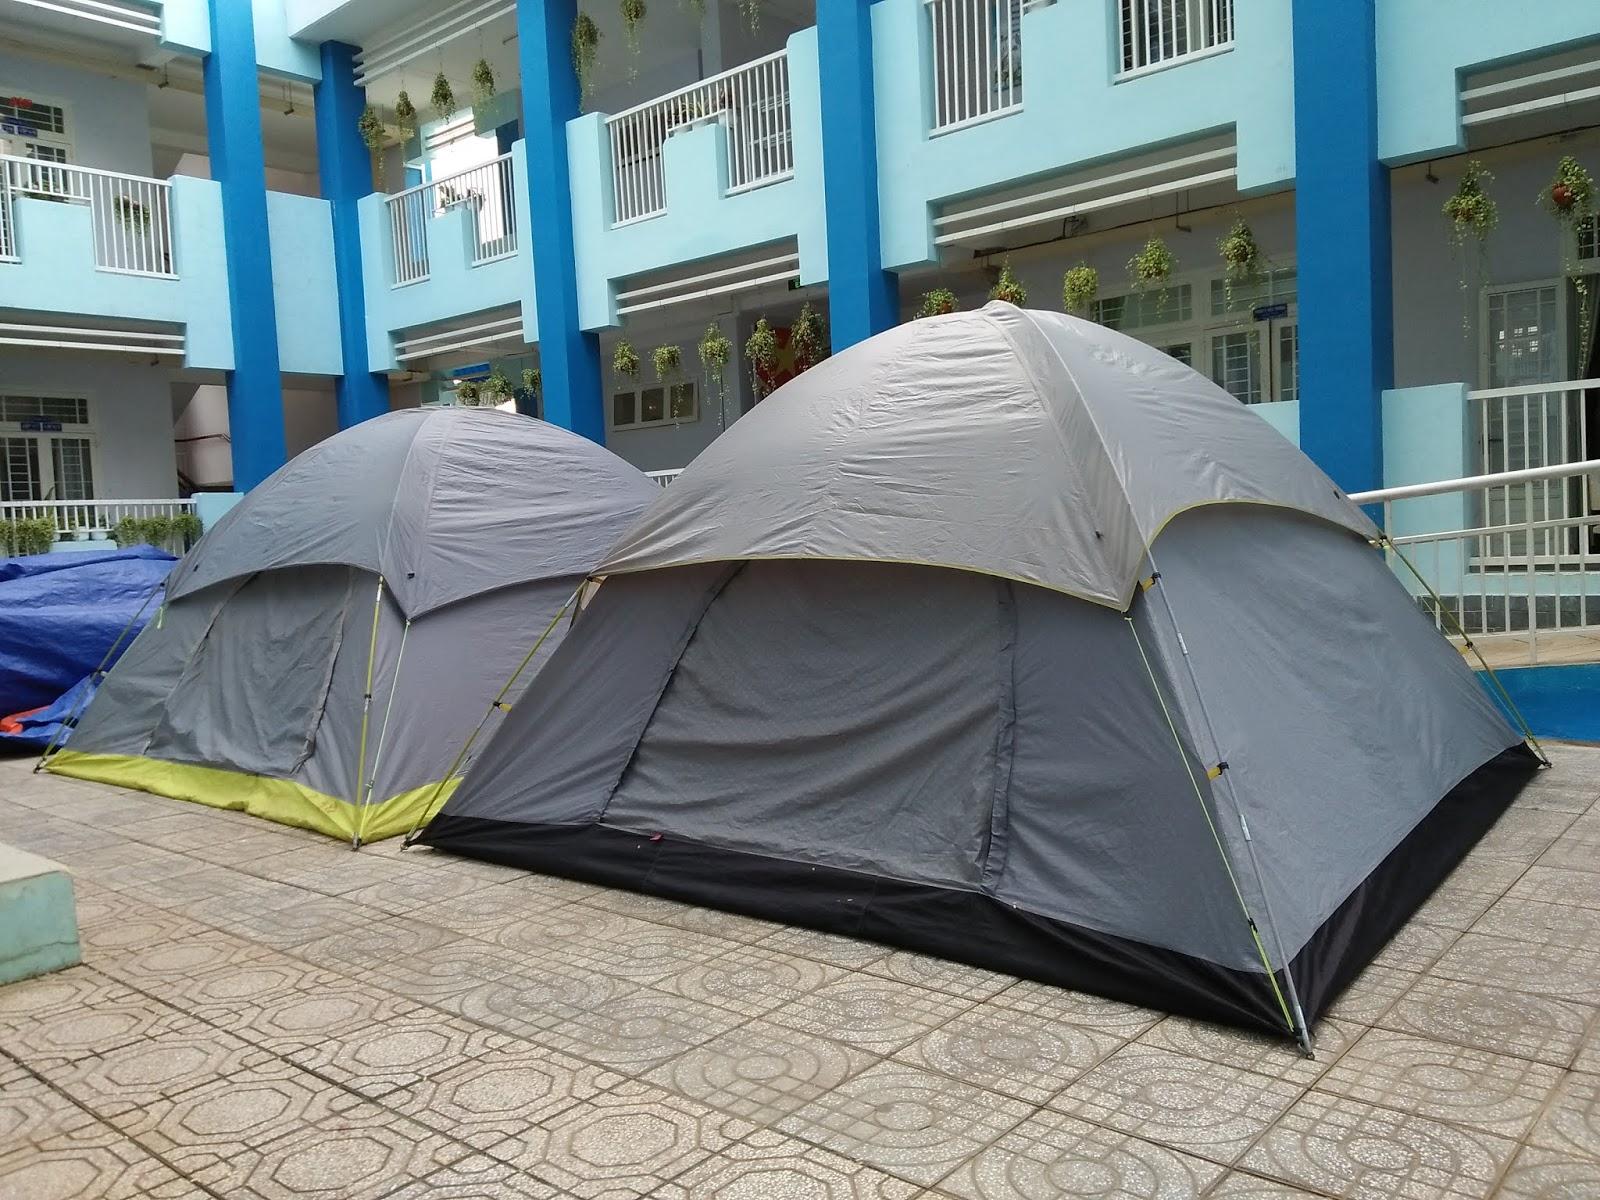 lều trại dành cho 12 người tại cửa hàng Chuyên cho thuê